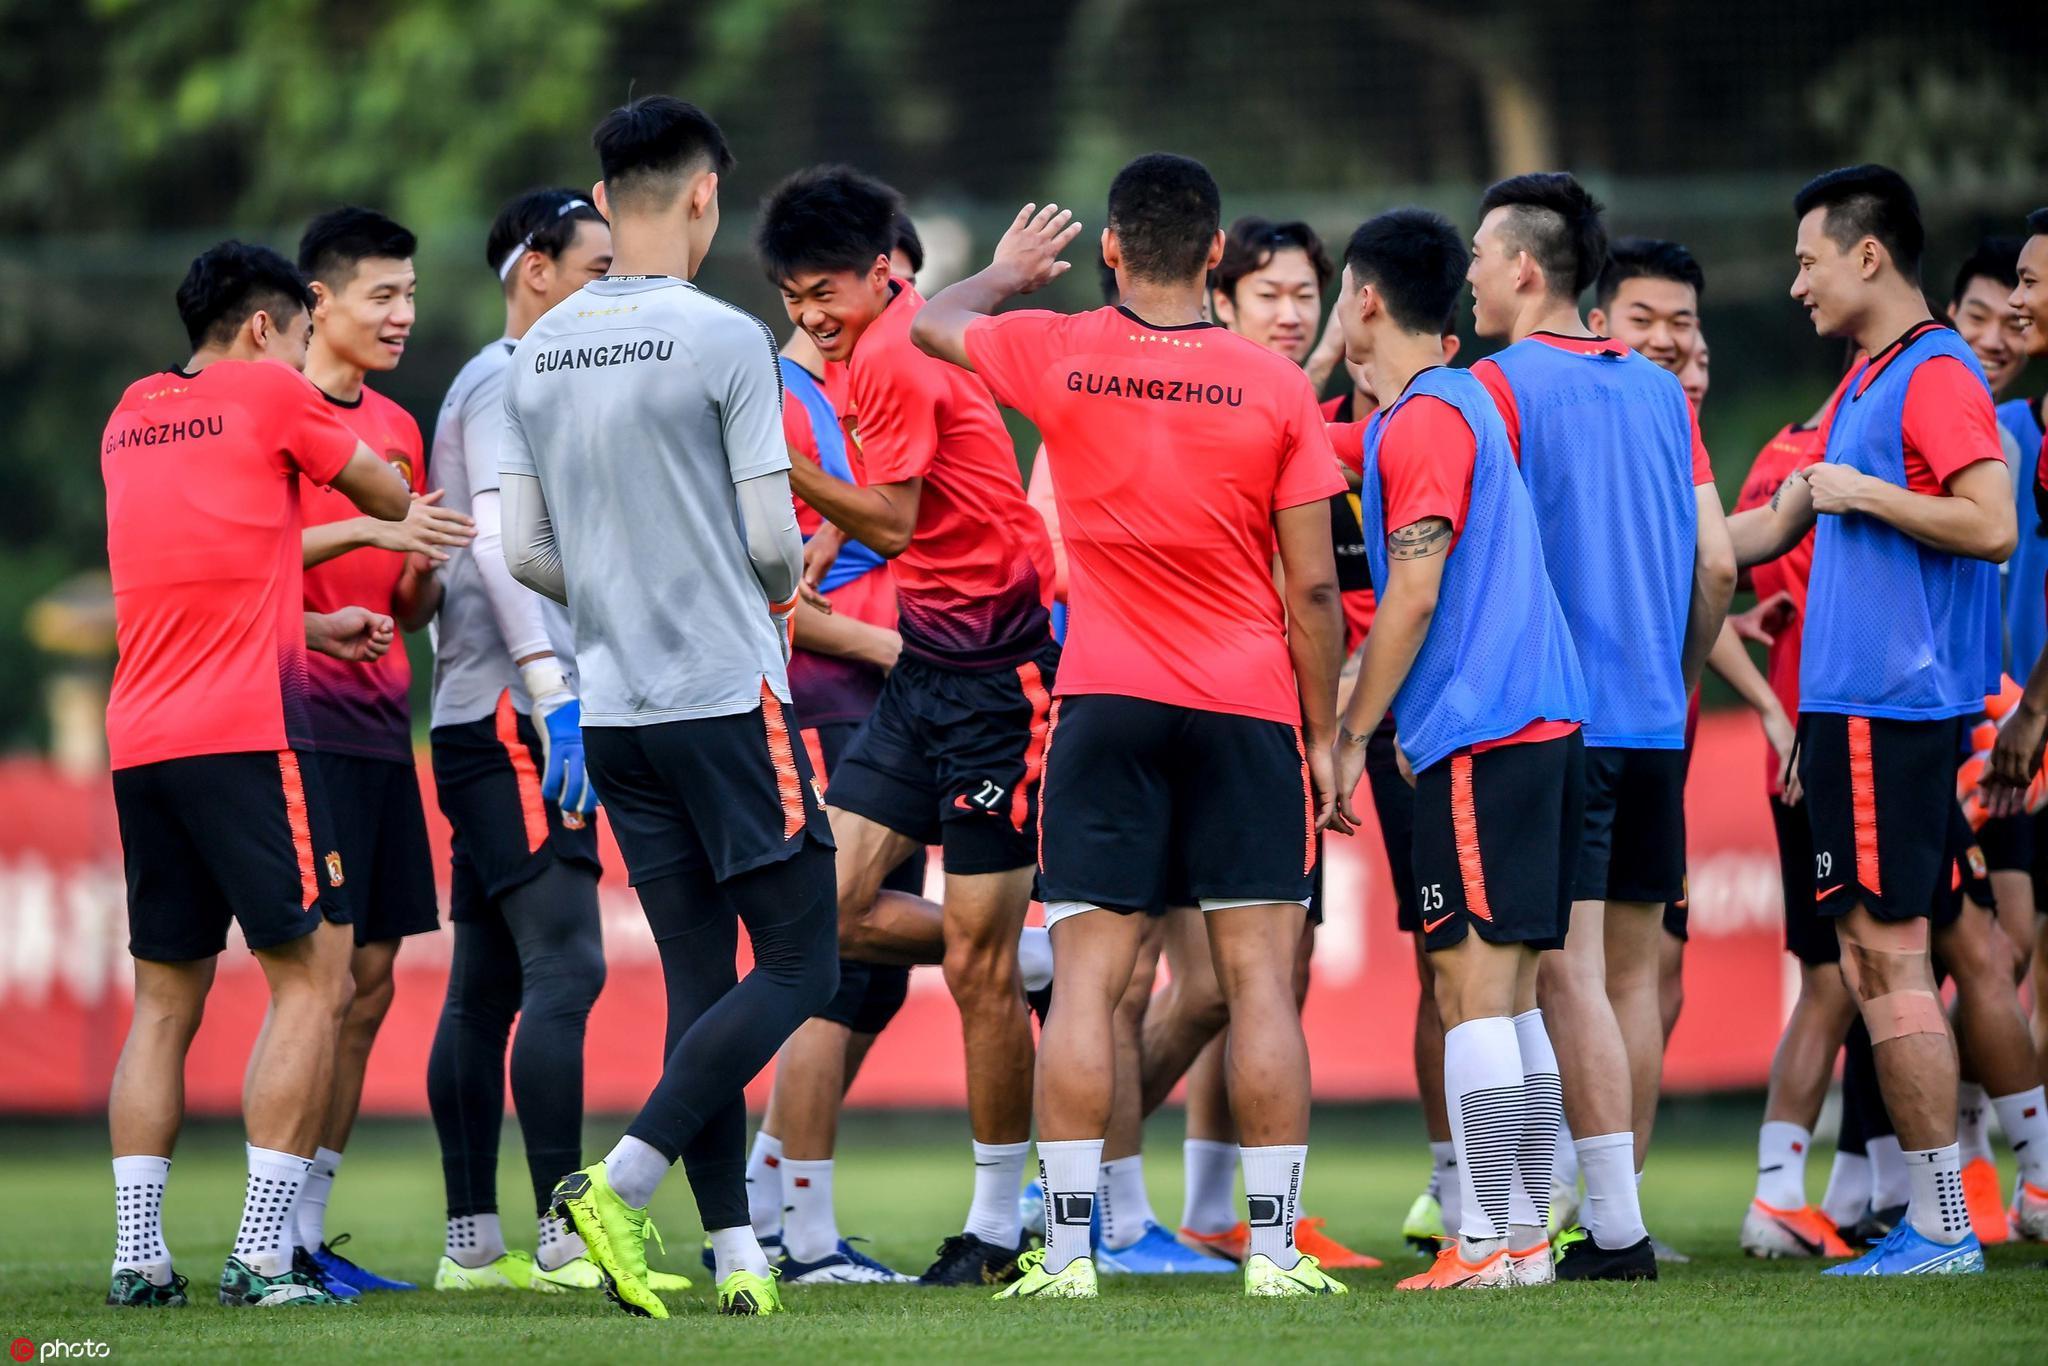 多图流:恒大备战足协杯,吴少聪、塔利斯卡、布朗宁在列